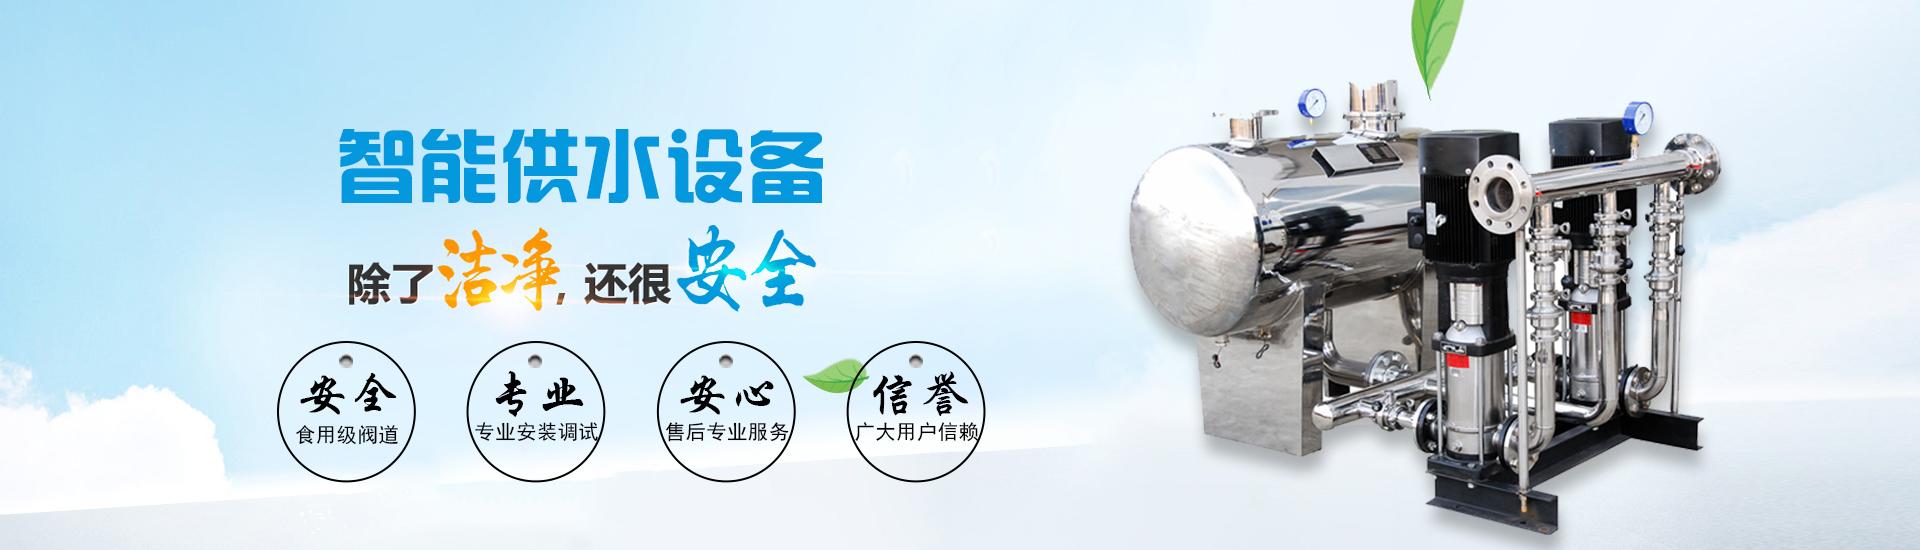 云南供水设备厂家